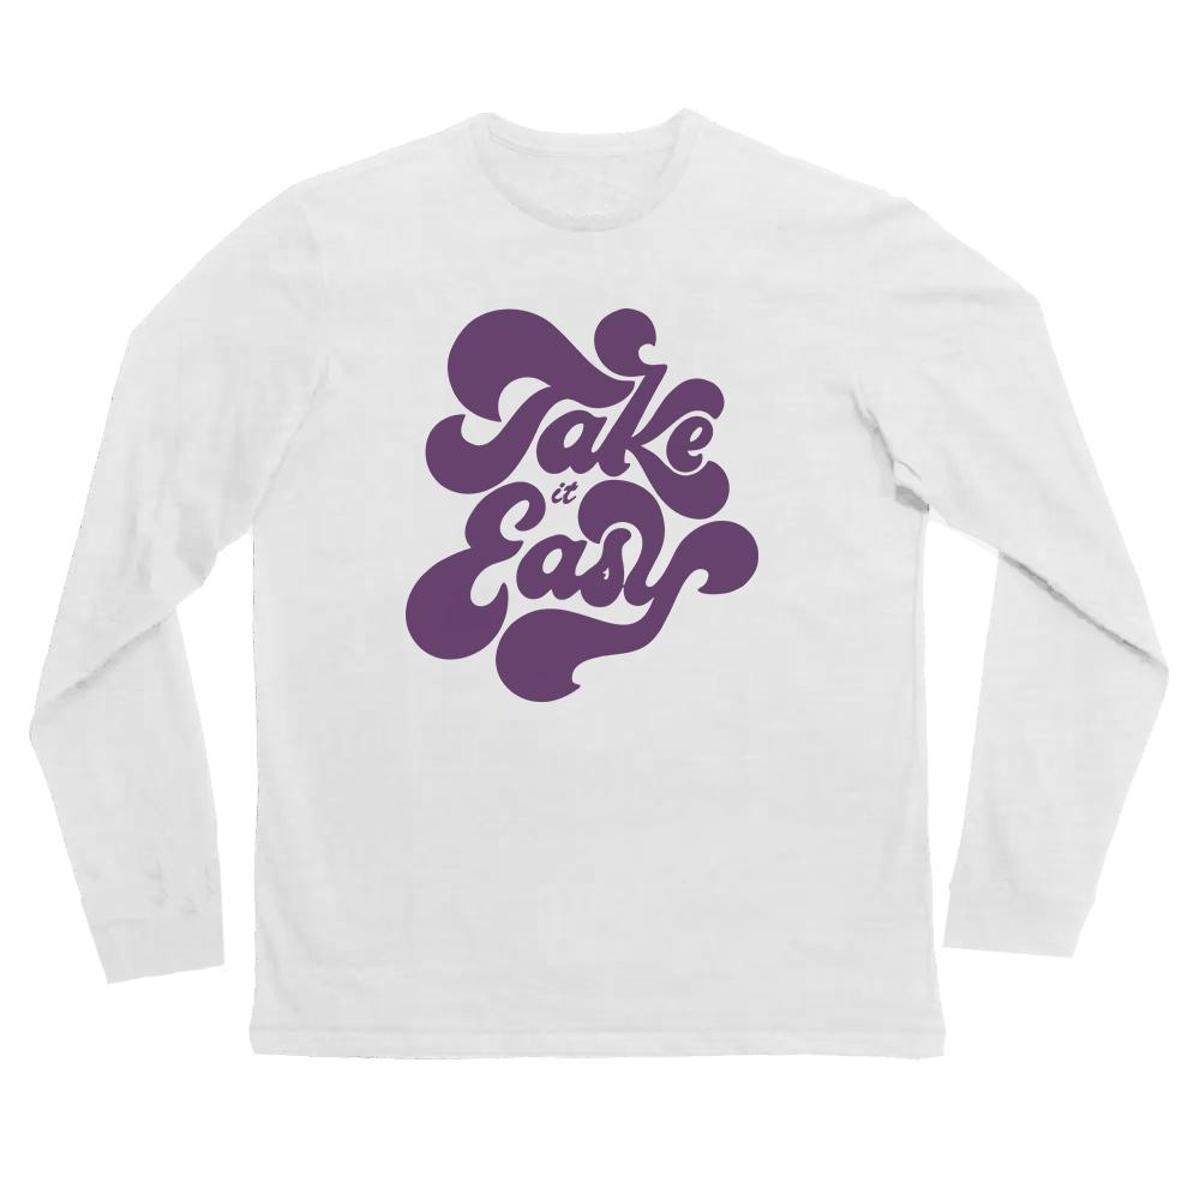 6169fe256 Camiseta Manga Longa Infantil Take Easy Comfy Feminina - Compre Agora